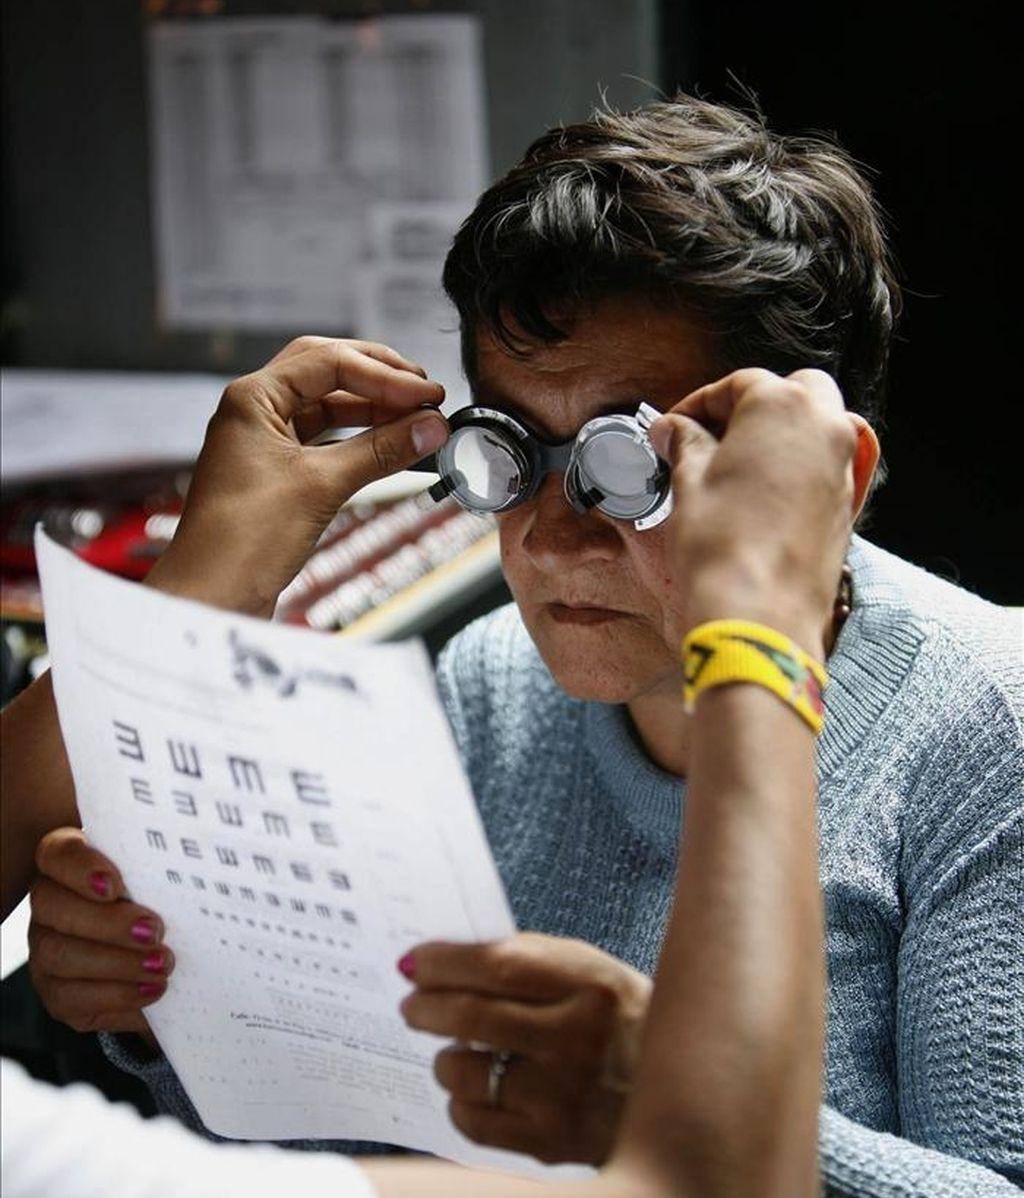 Un oftalmólogo atiende a una mujer colombiana en una carpa instalada en la población de Quetame, en el departamento colombiano de Cundinamarca. Portugal contrata a 42 médicos colombianos ante la escasez de facultativos. EFE/Archivo